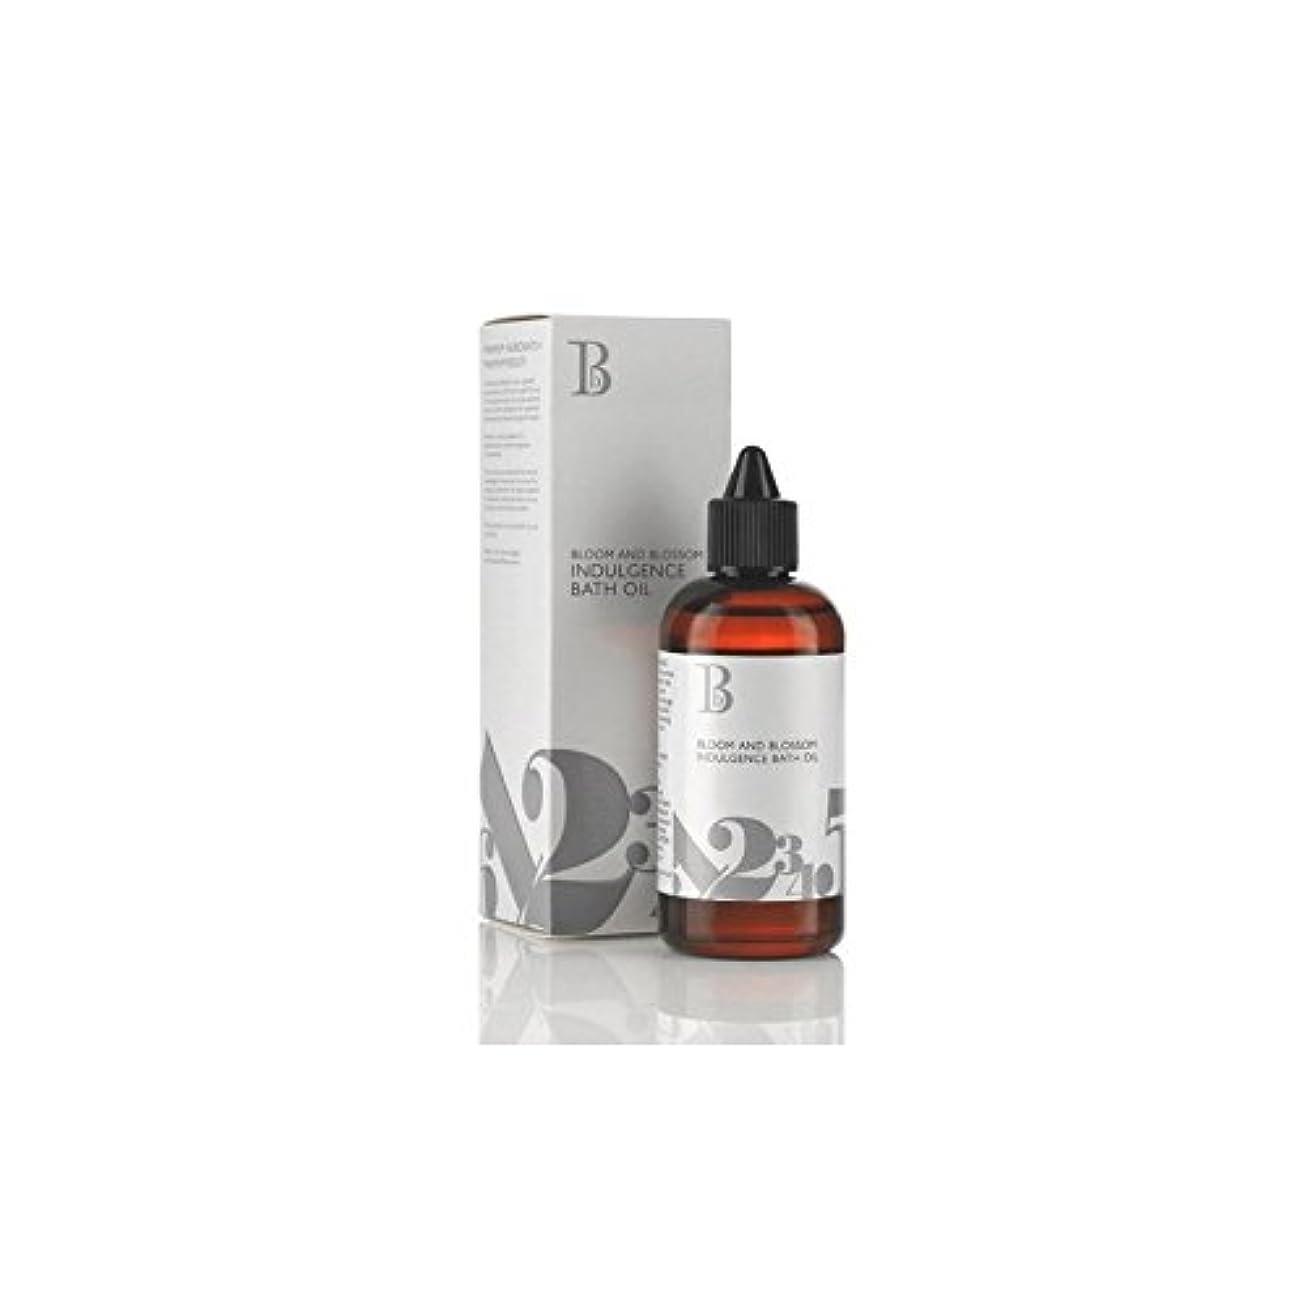 フェード水っぽい酒Bloom and Blossom Indulgence Bath Oil (100ml) (Pack of 6) - ブルーム、ブロッサム耽溺バスオイル(100ミリリットル) x6 [並行輸入品]